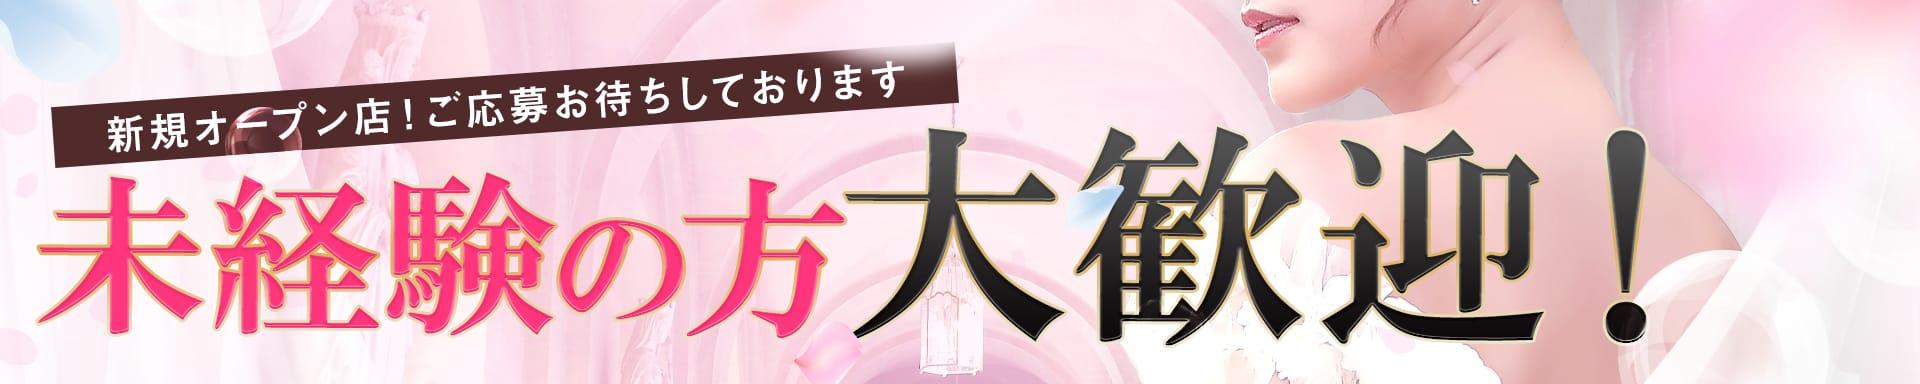 Medel Hearts~メデルハーツ~ その3